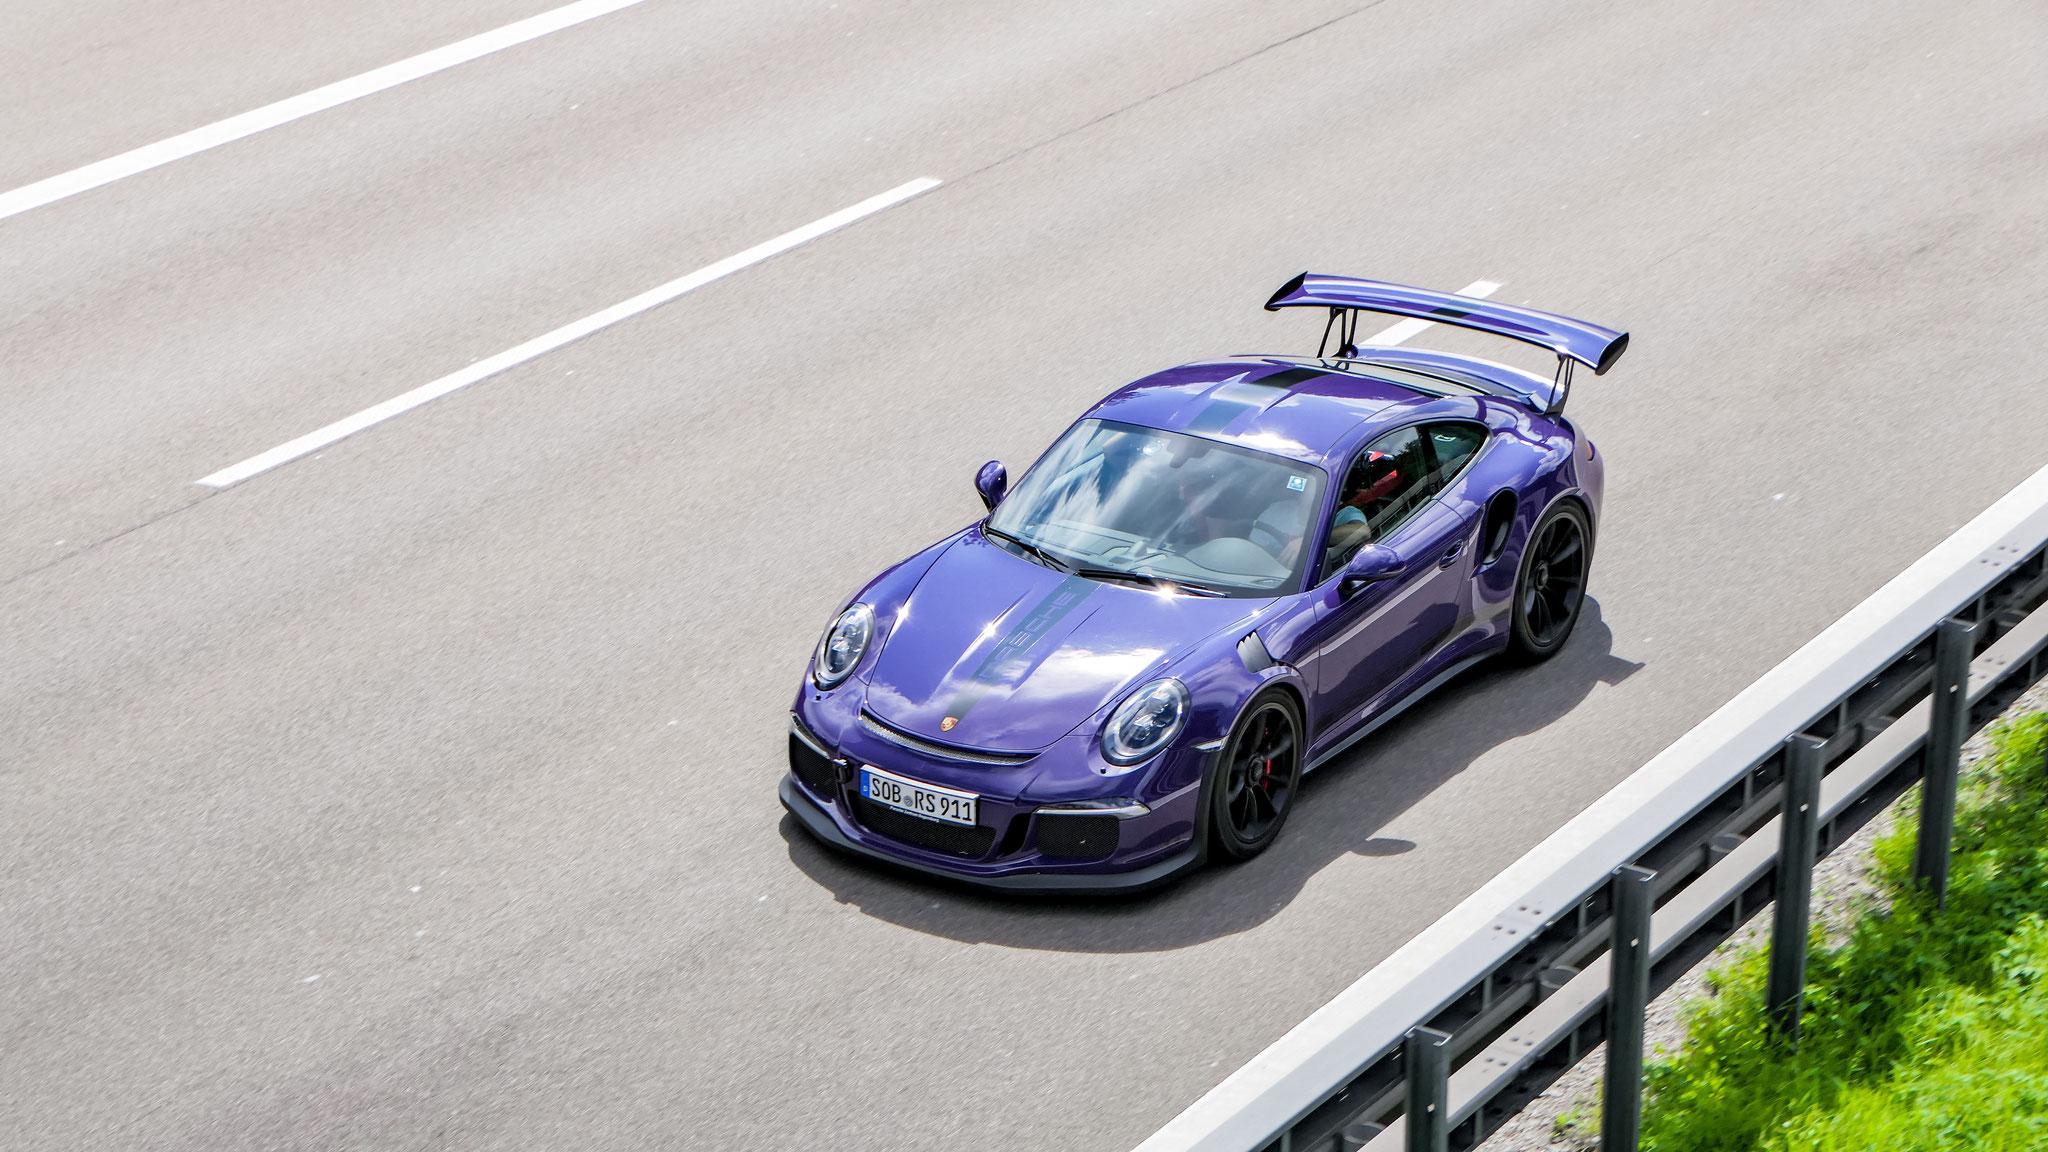 Porsche 911 GT3 RS - SOB-RS-911